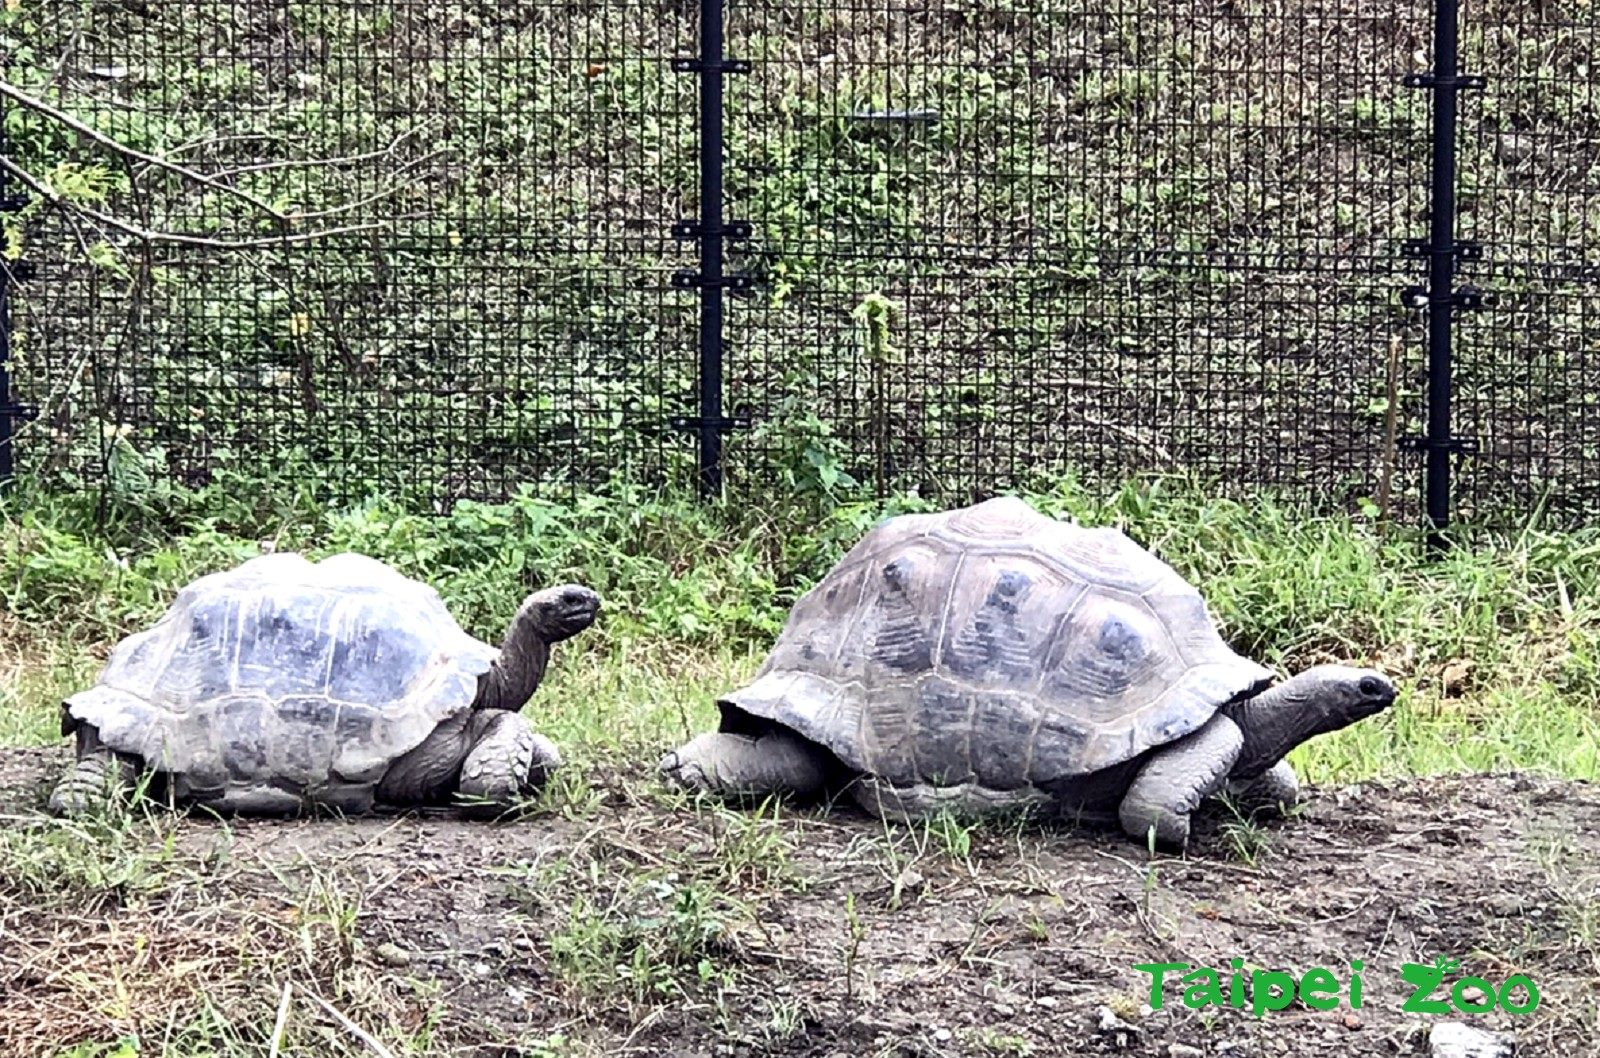 去年11月中,臺北市立動物園兩隻亞達伯拉象龜「帥哥(公-右)」和「大大(母-左)」就搬進了位在兩棲爬蟲館出口處的新活動場